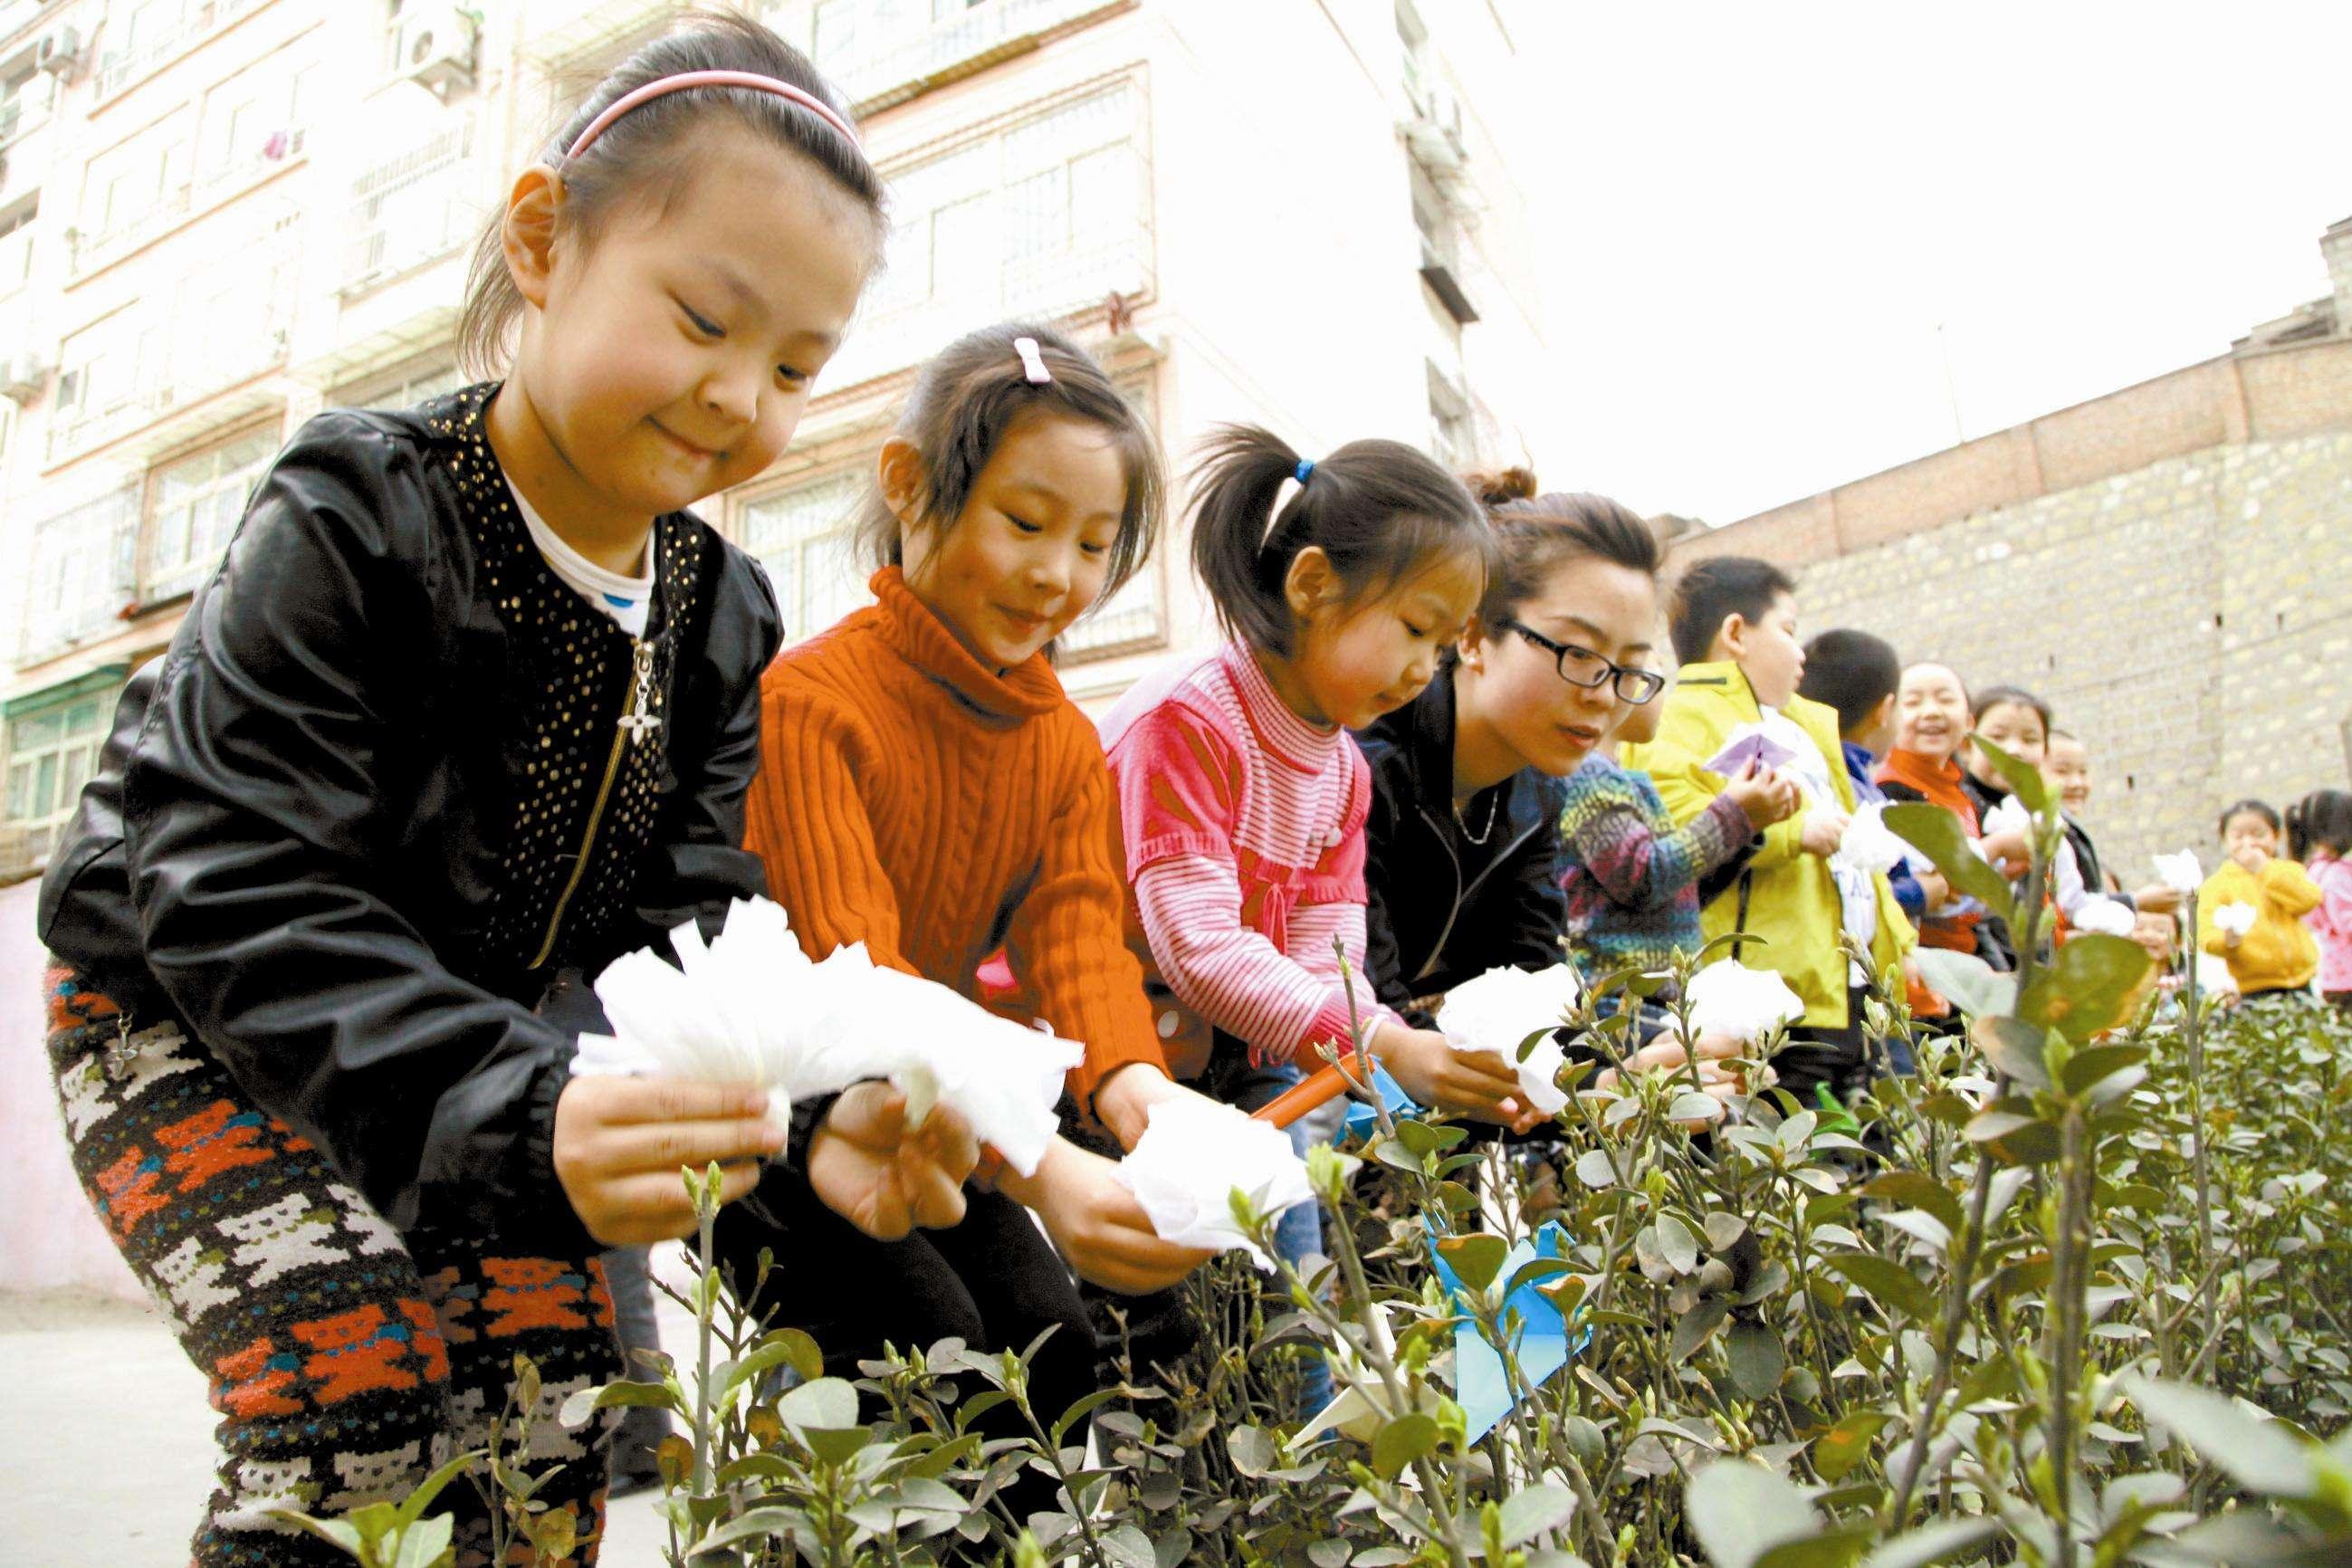 桐乡:52万人次清明节扫墓 文明祭扫已蔚然成风